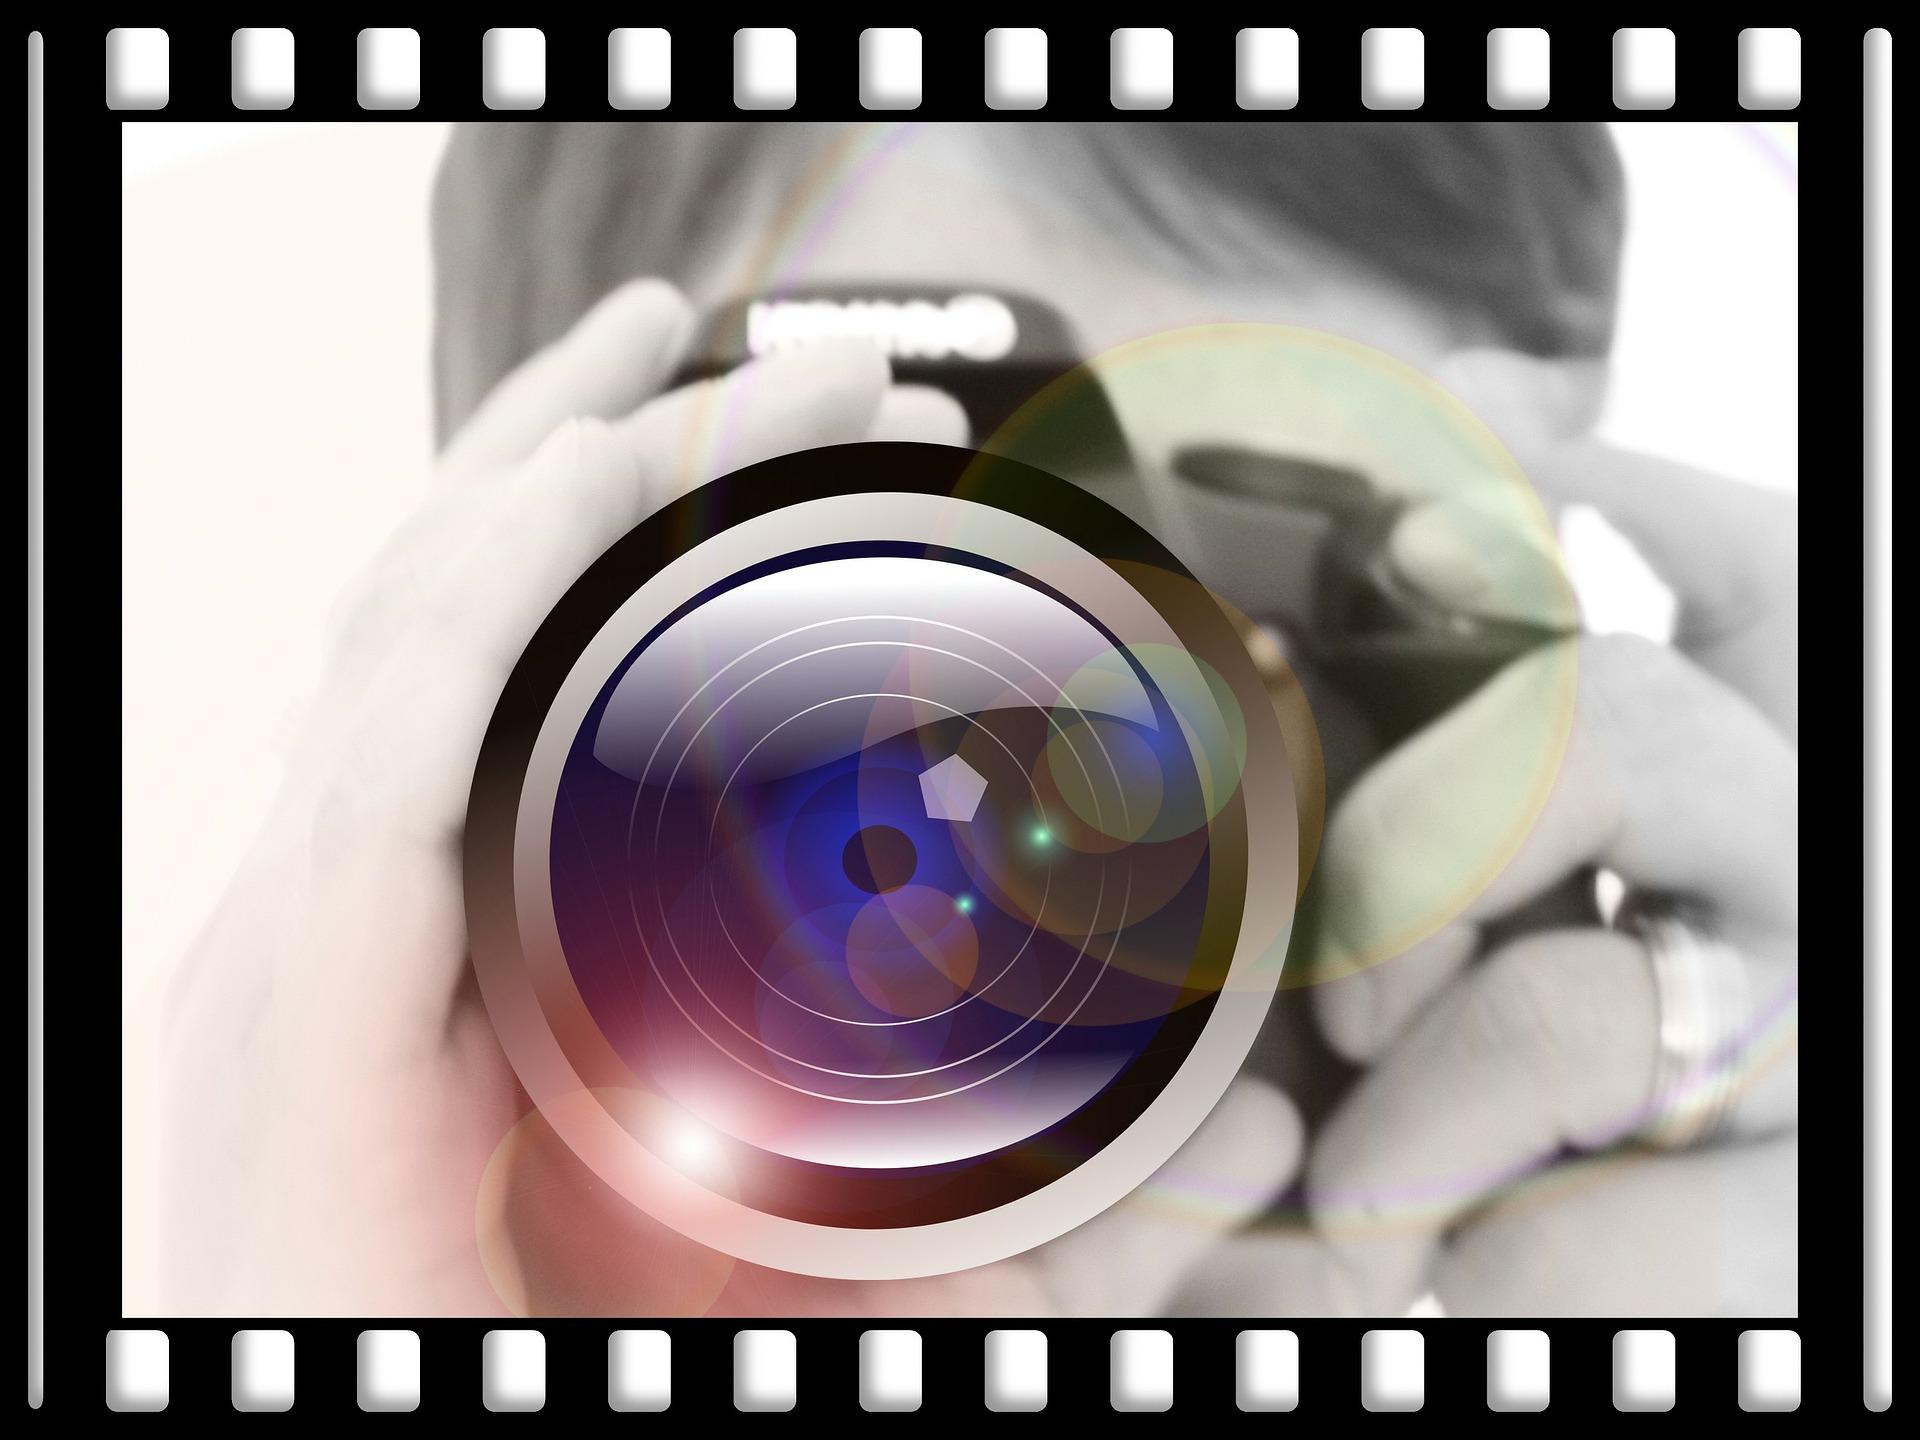 iqosパックコードのカメラ撮影